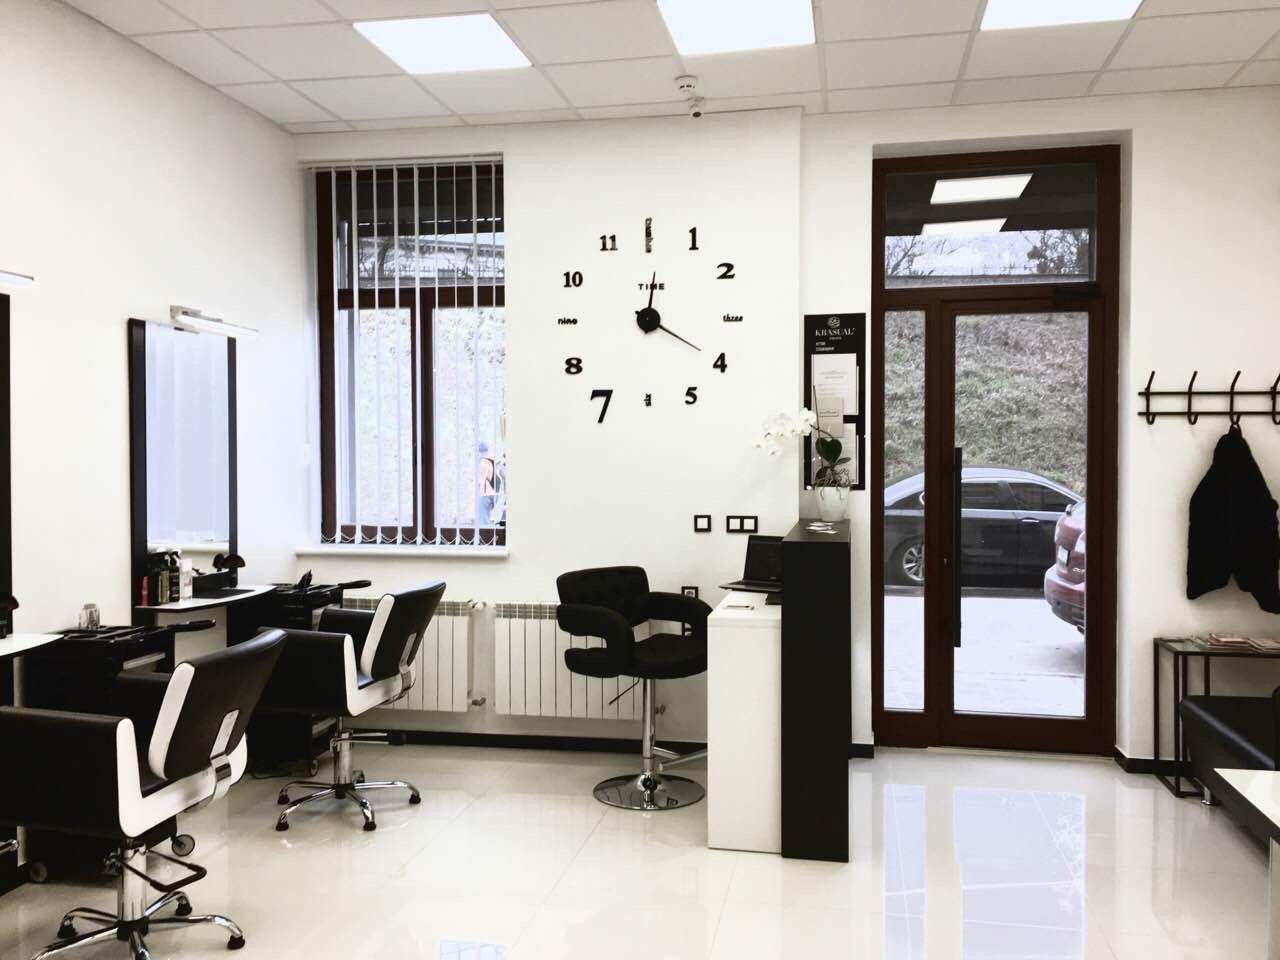 Центр косметологии с бессрочной мед. лицензией